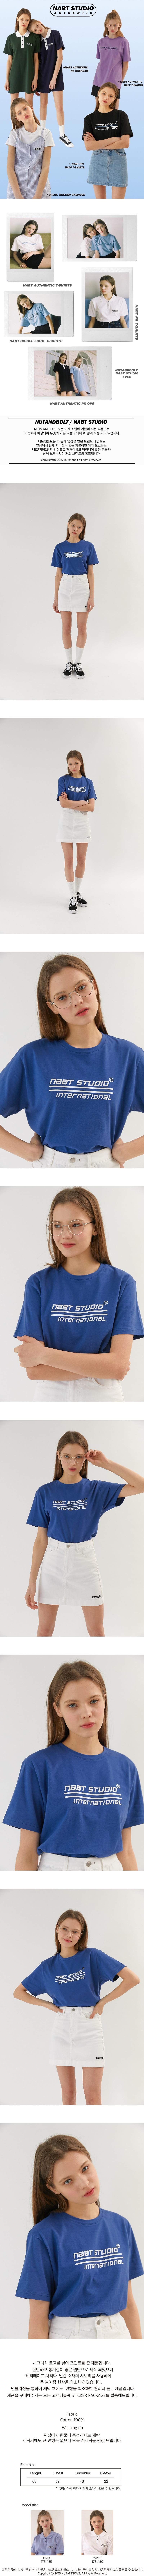 너트앤볼트(NUTANDBOLT) INT LOGO HALF T-SHIRTS (INDIGO BLUE)